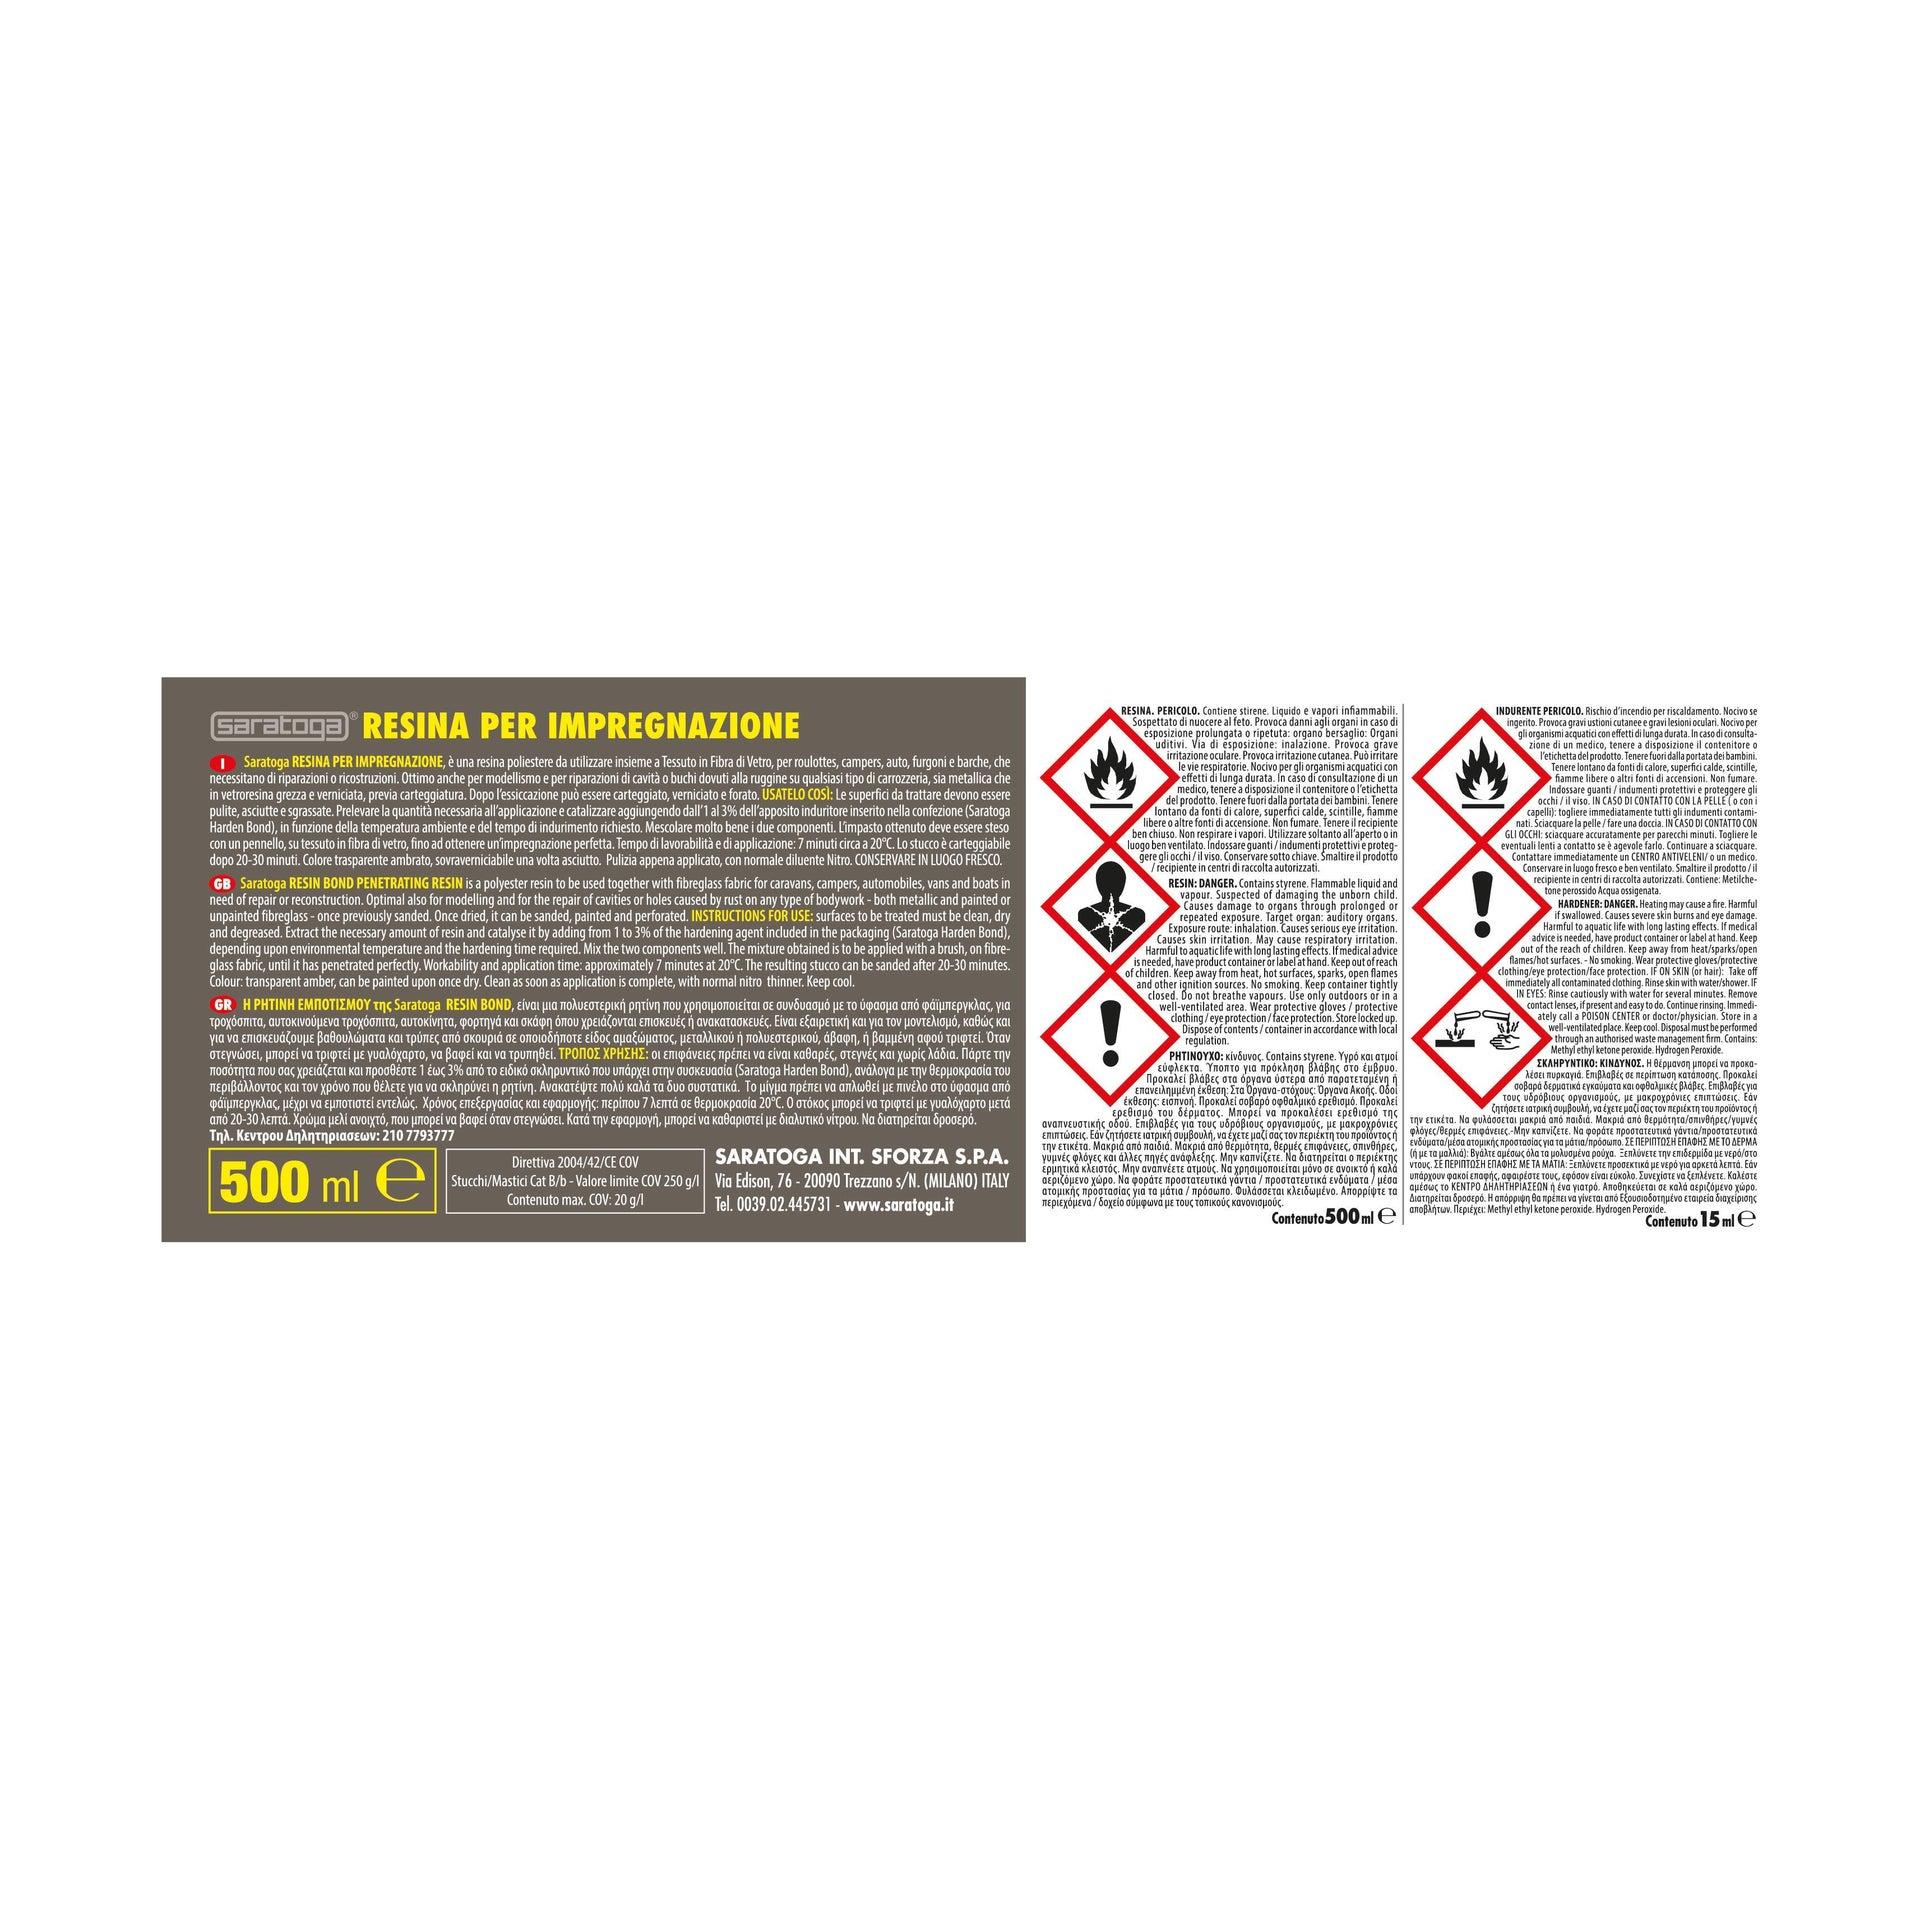 Stucco di riparazione metallo SARATOGA Resin Bond resina per impregnazione 500 ml - 3